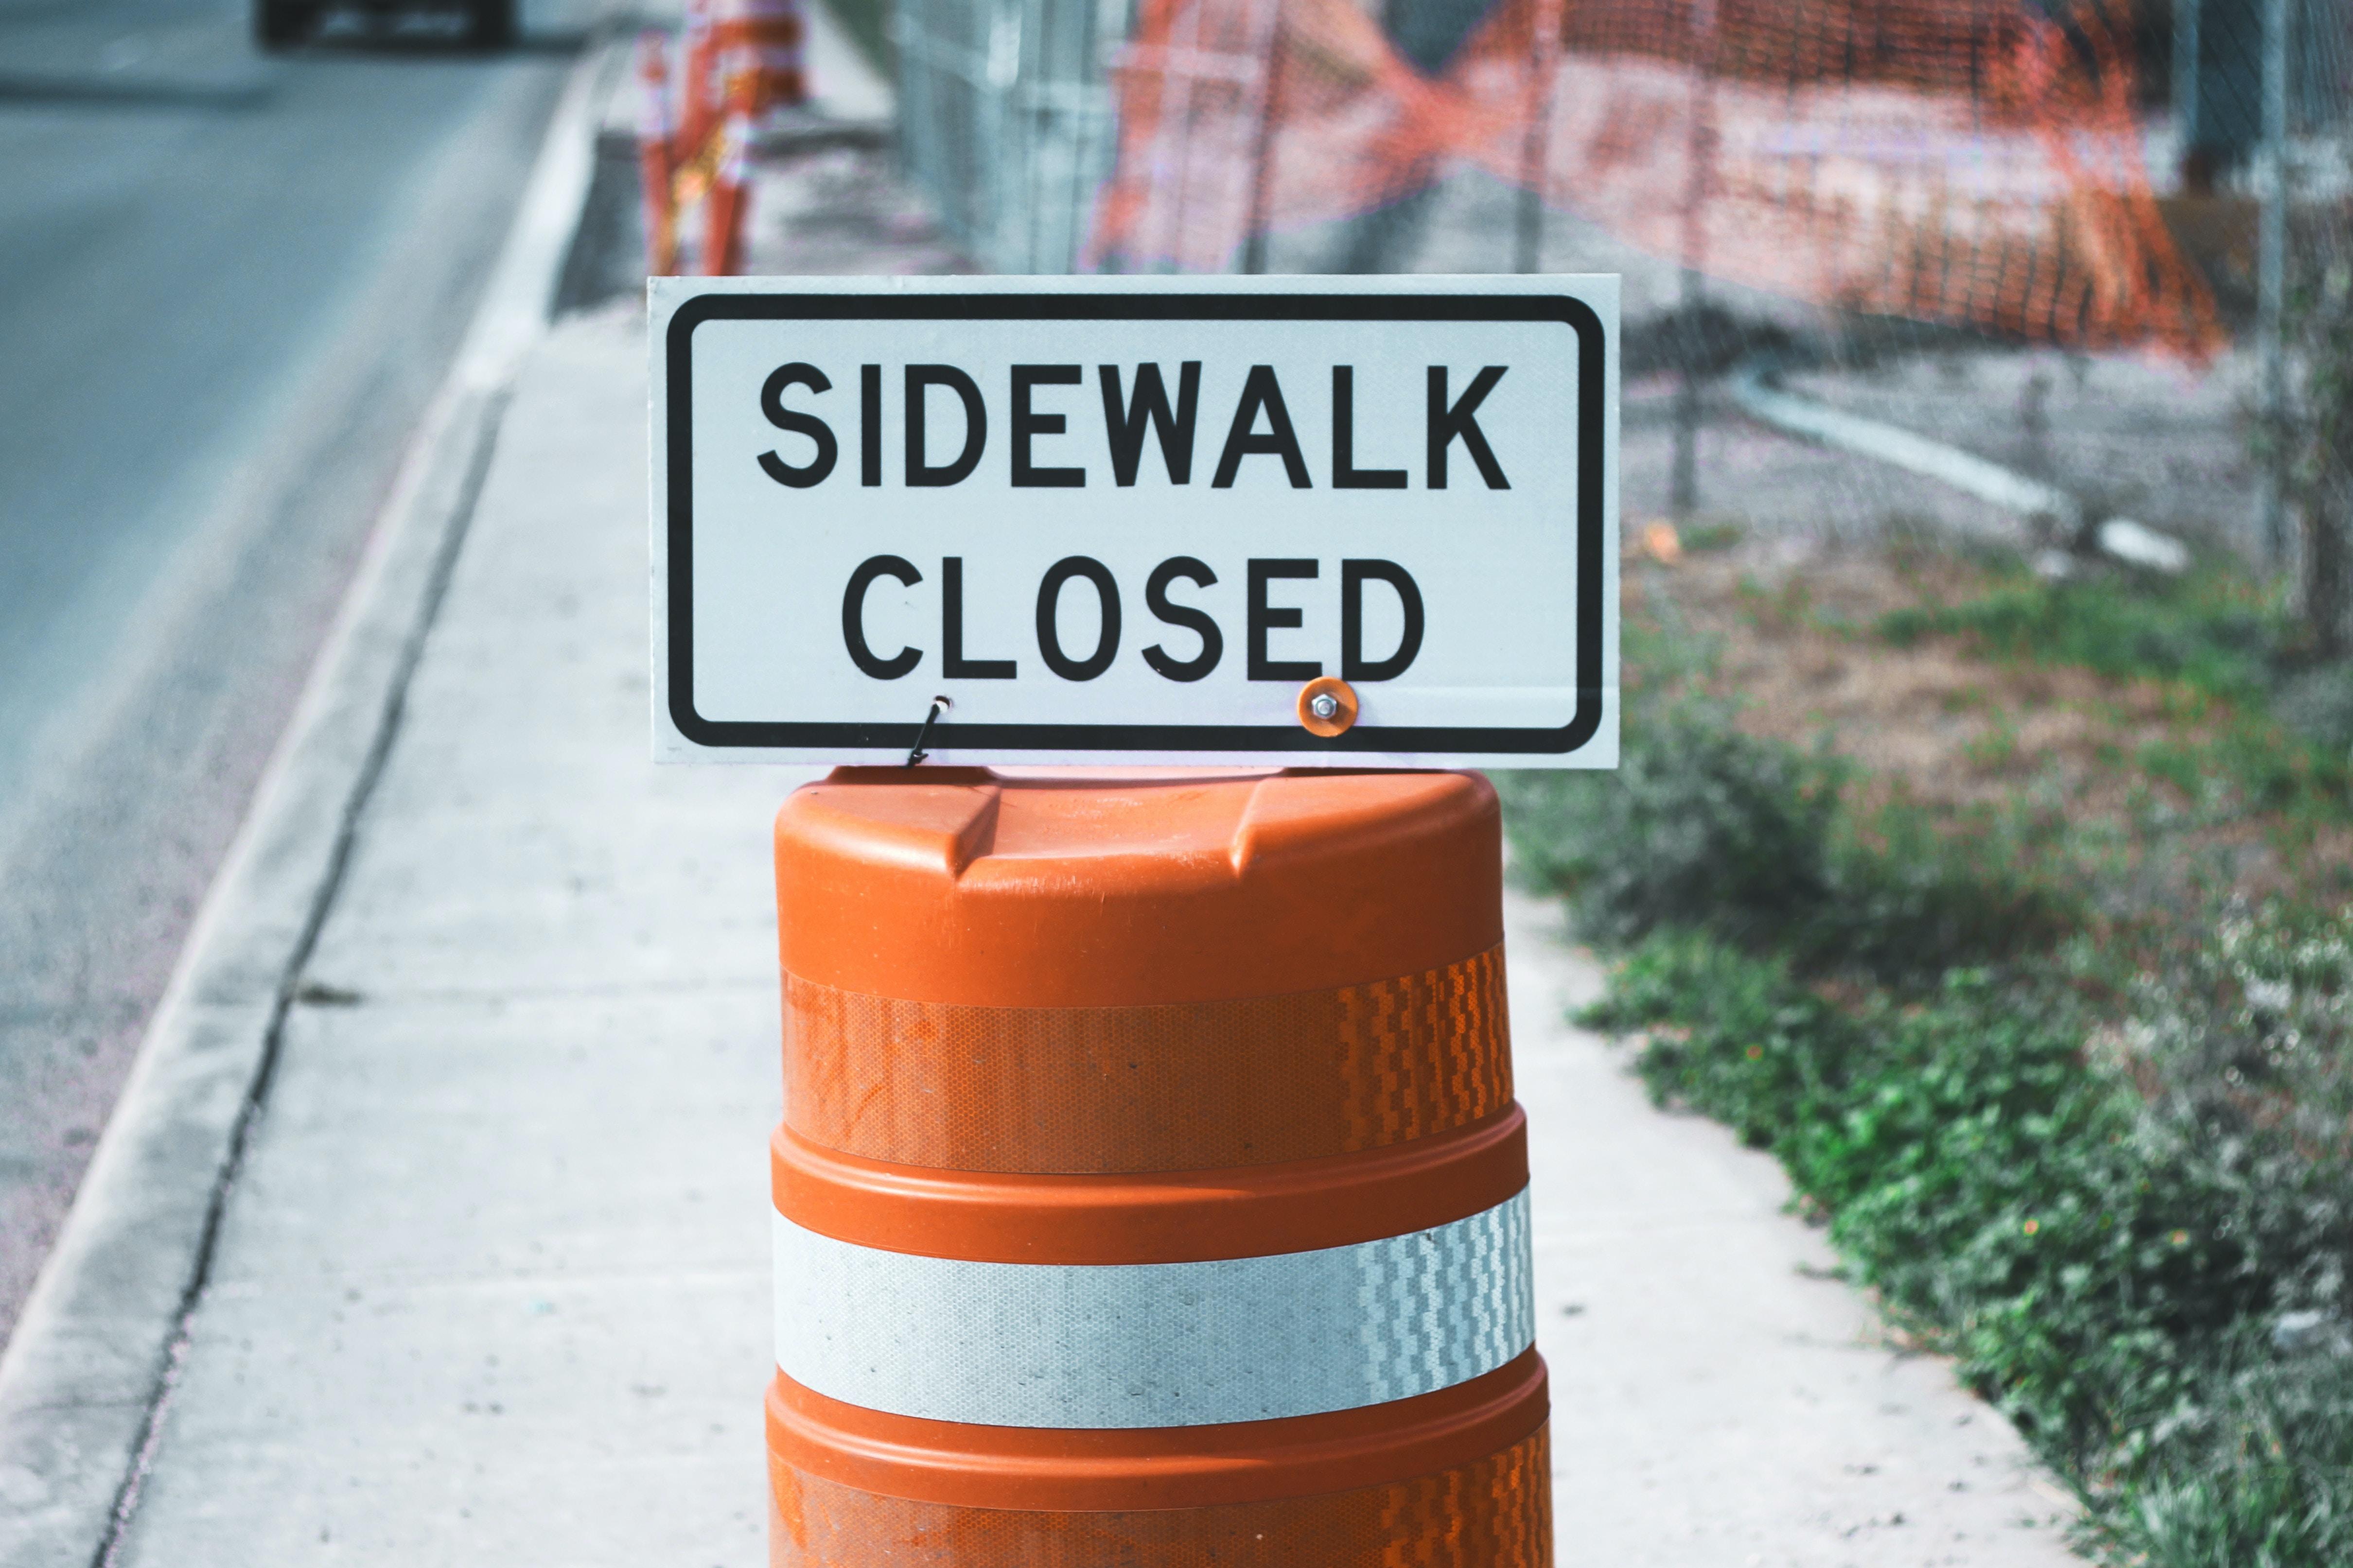 sidewalk closed signage